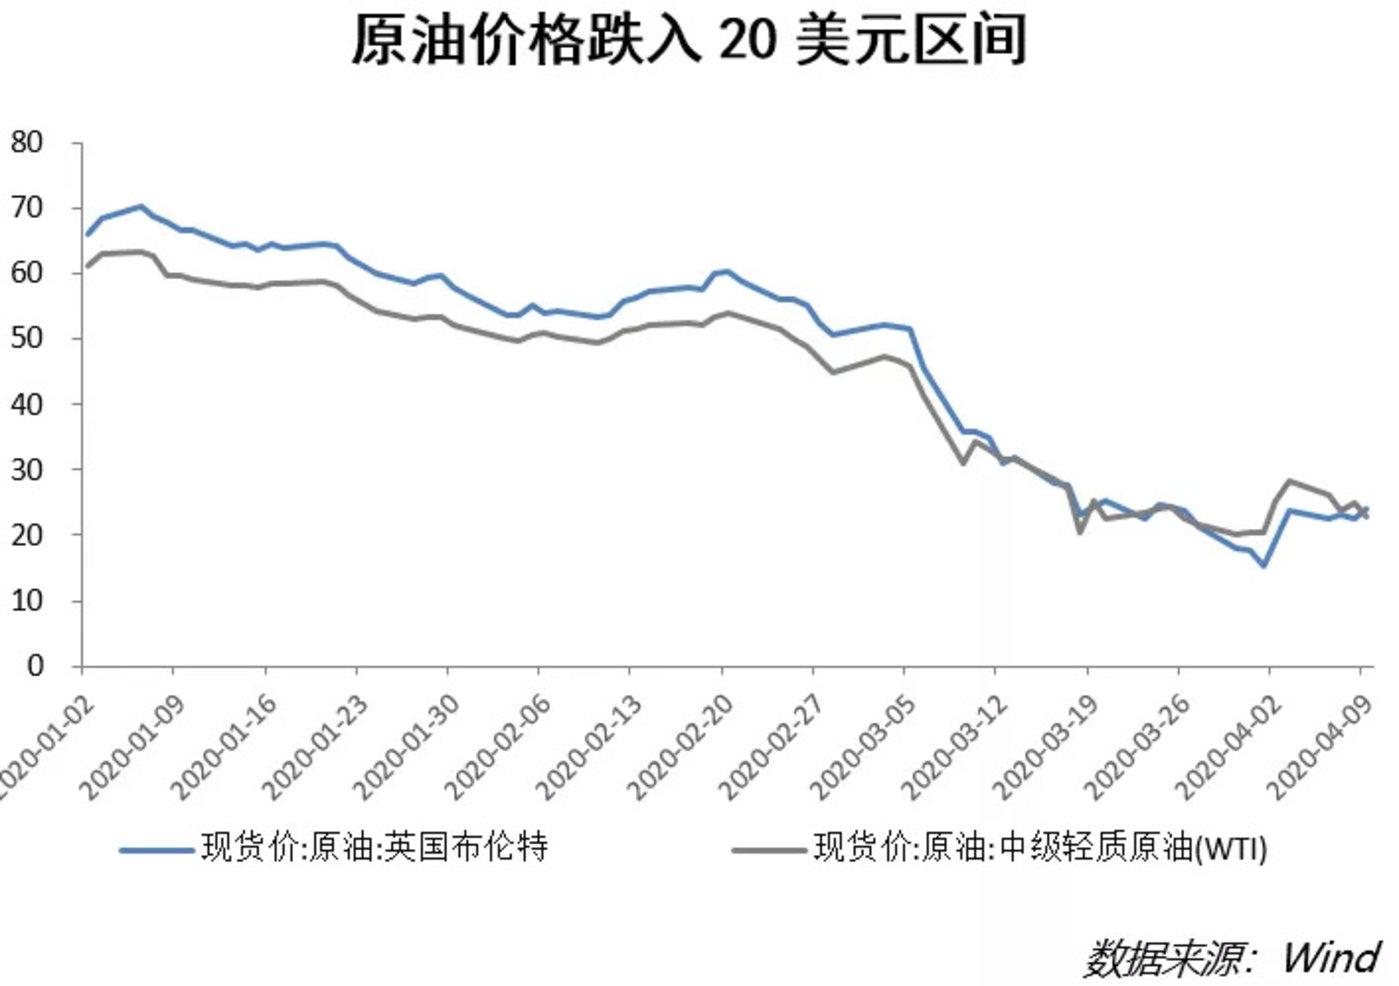 原油价格下跌,导致美股迅速下跌,决定原油价格的因素